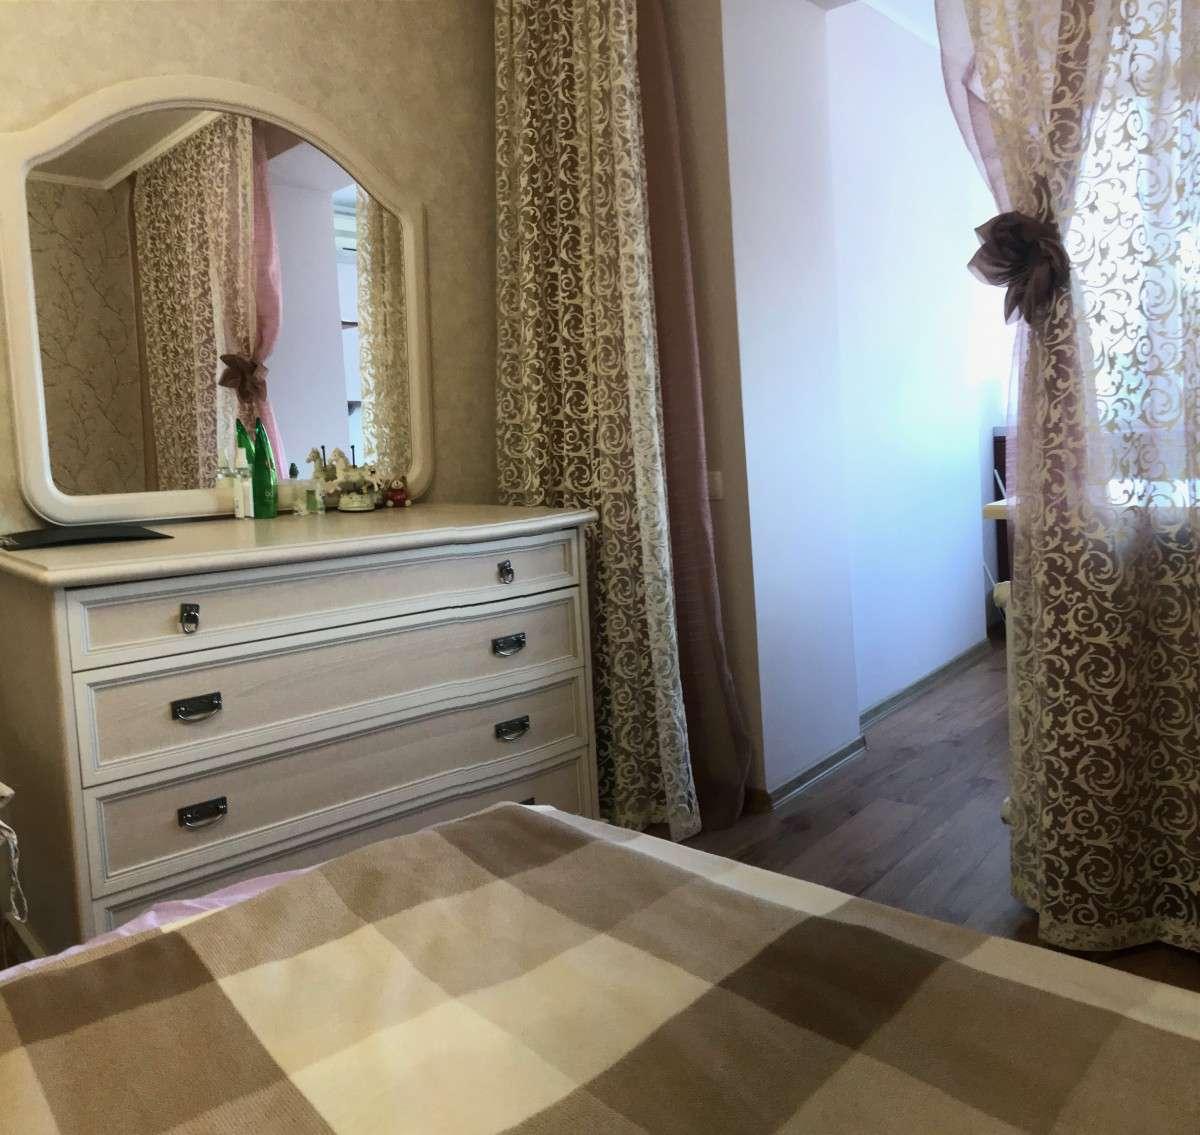 Квартира на продажу по адресу Россия, Республика Крым, Грэсовский, ул. Грэсовская, 26